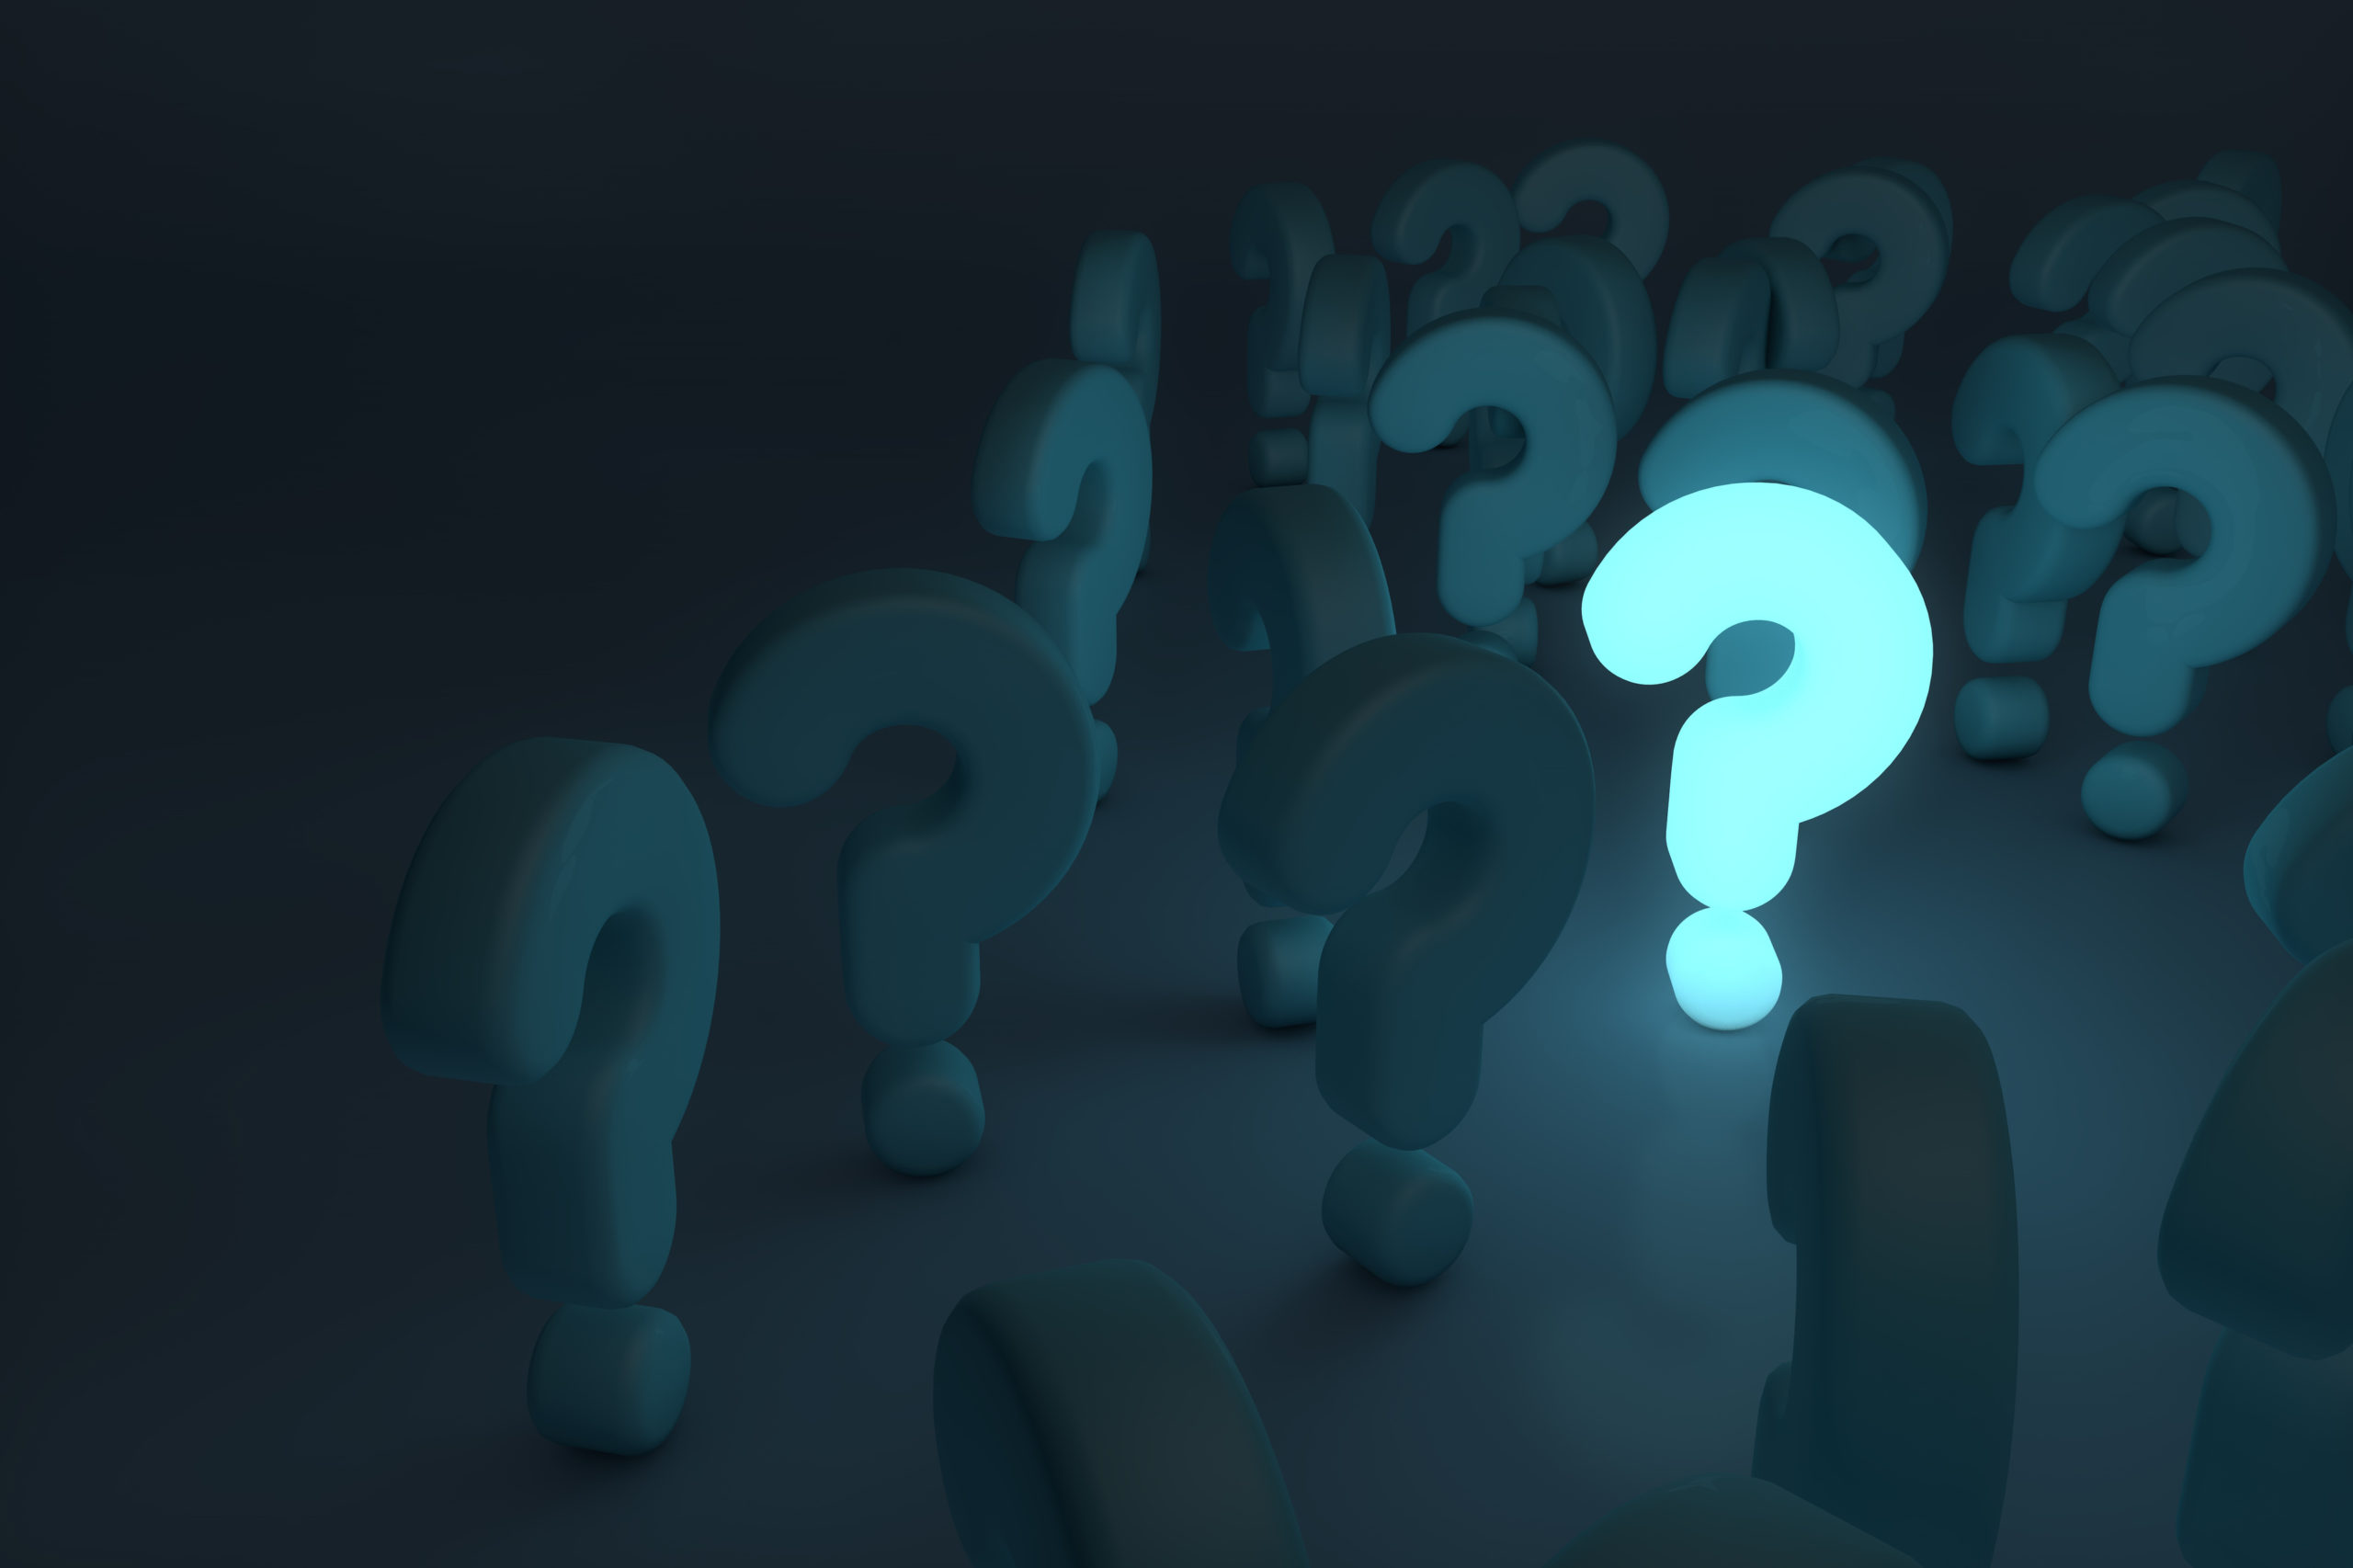 اسئلة صعبة مع اجوبتها